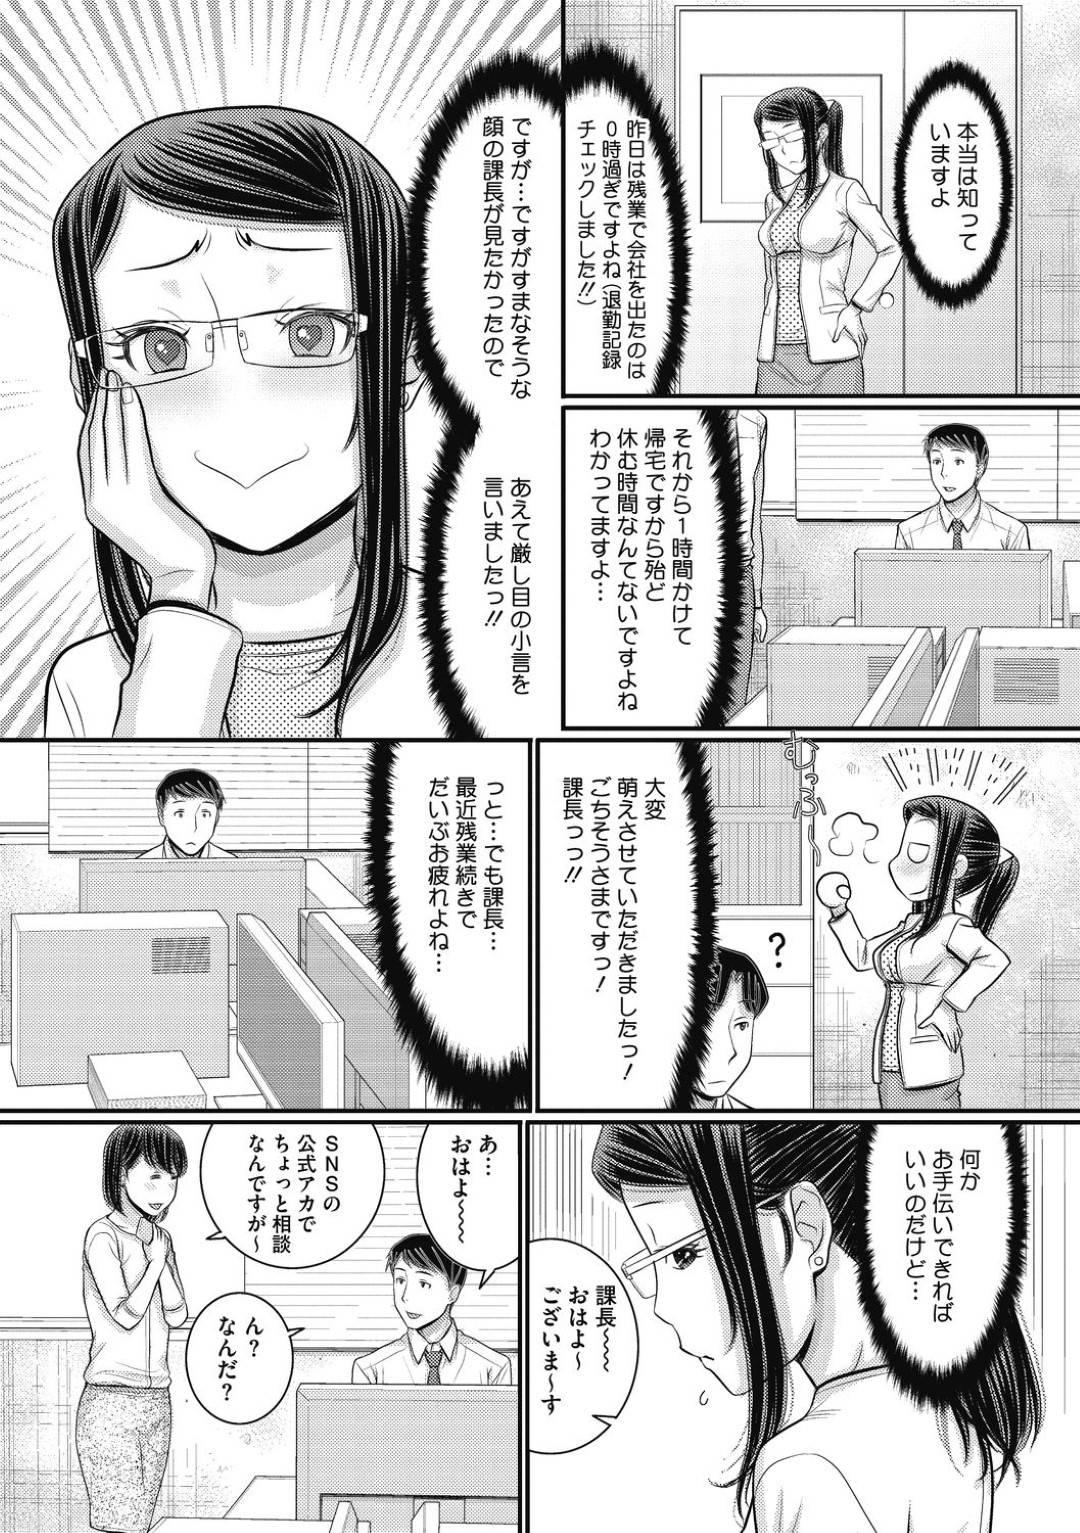 oobaawaakukiminokachouwoshinpaishitesuiminyakuirinokoohiiwonomasetatsundereOL_su